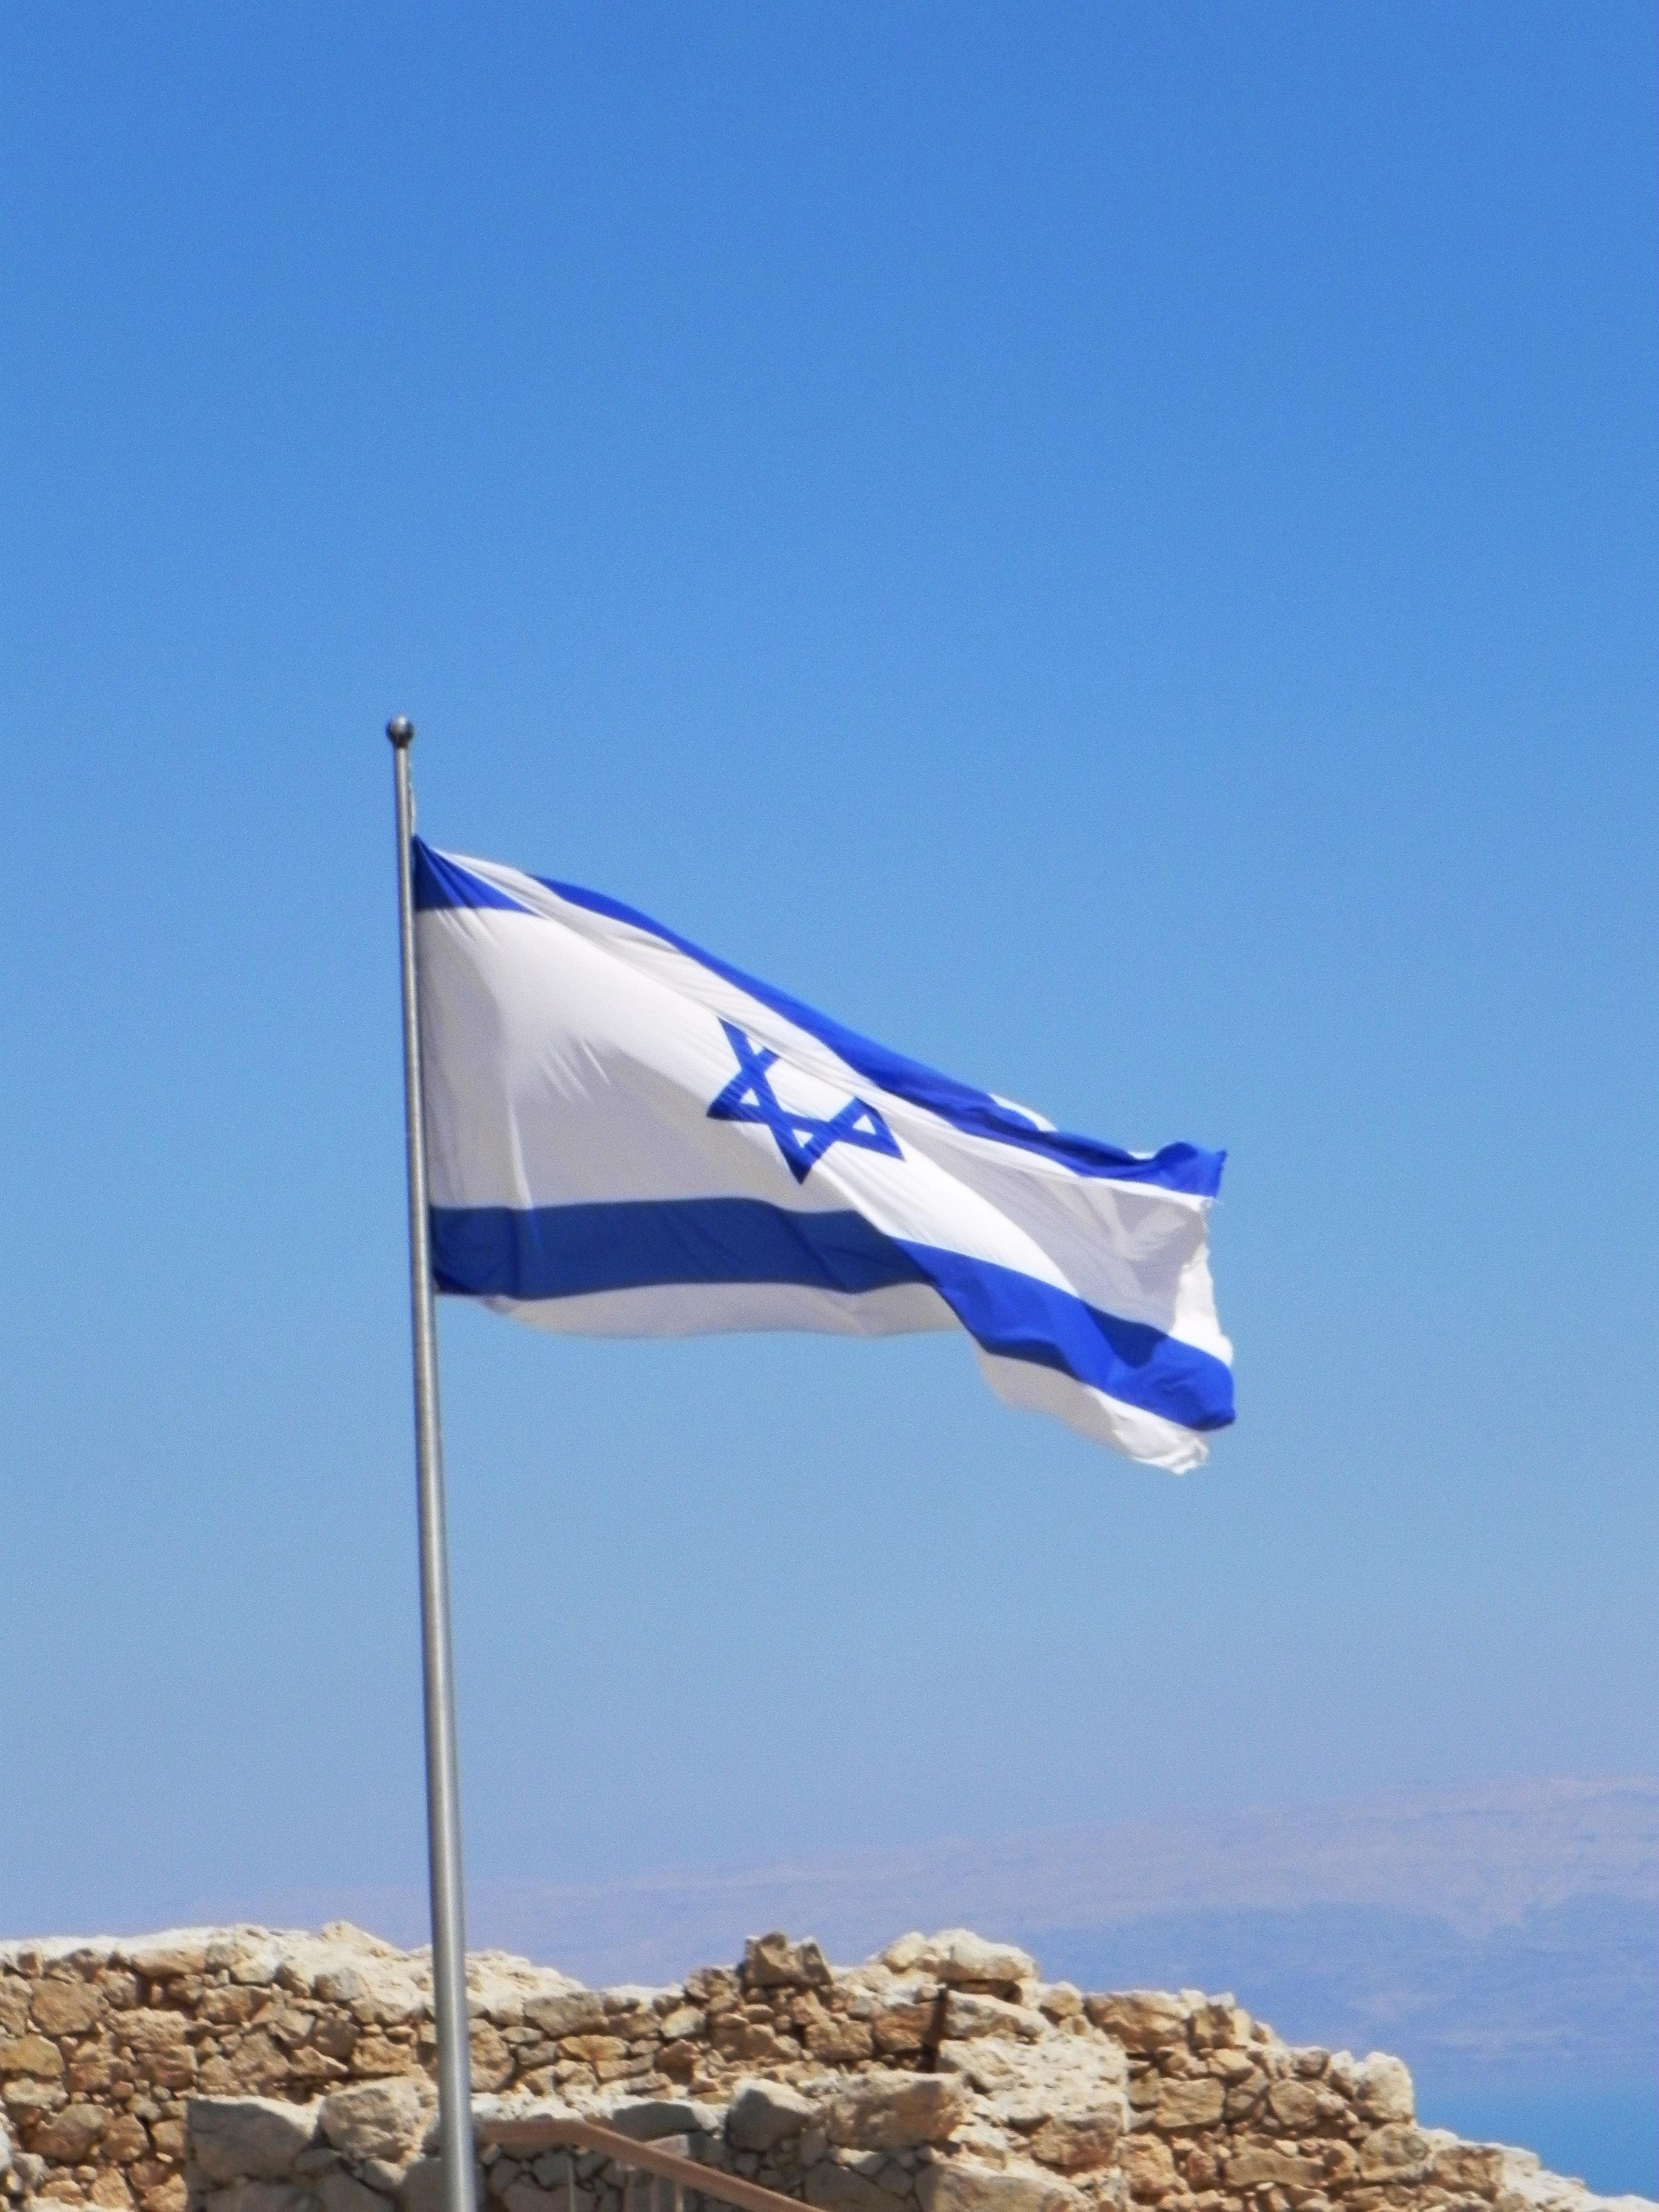 free stock photo of israel israeli flag